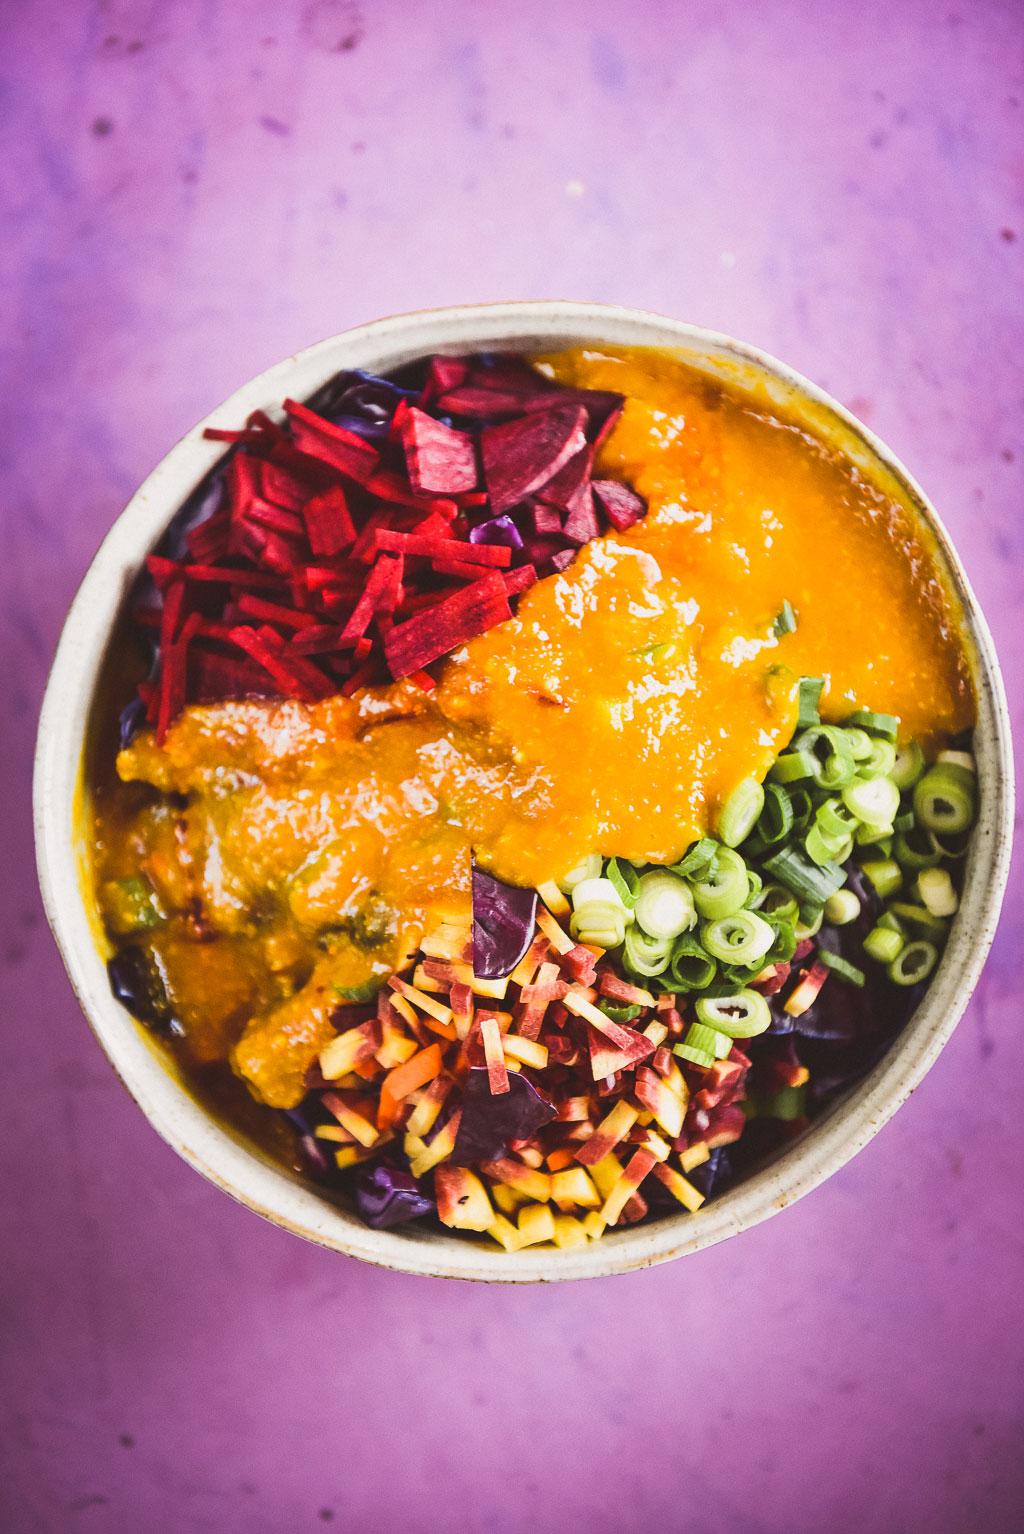 Rotkohl Kimchi ist eine köstliche Variante zum koreanischen Kimchi. Kurkuma gibt ein besonders tollen Geschmack und eine Extraportion Vitalstoffe